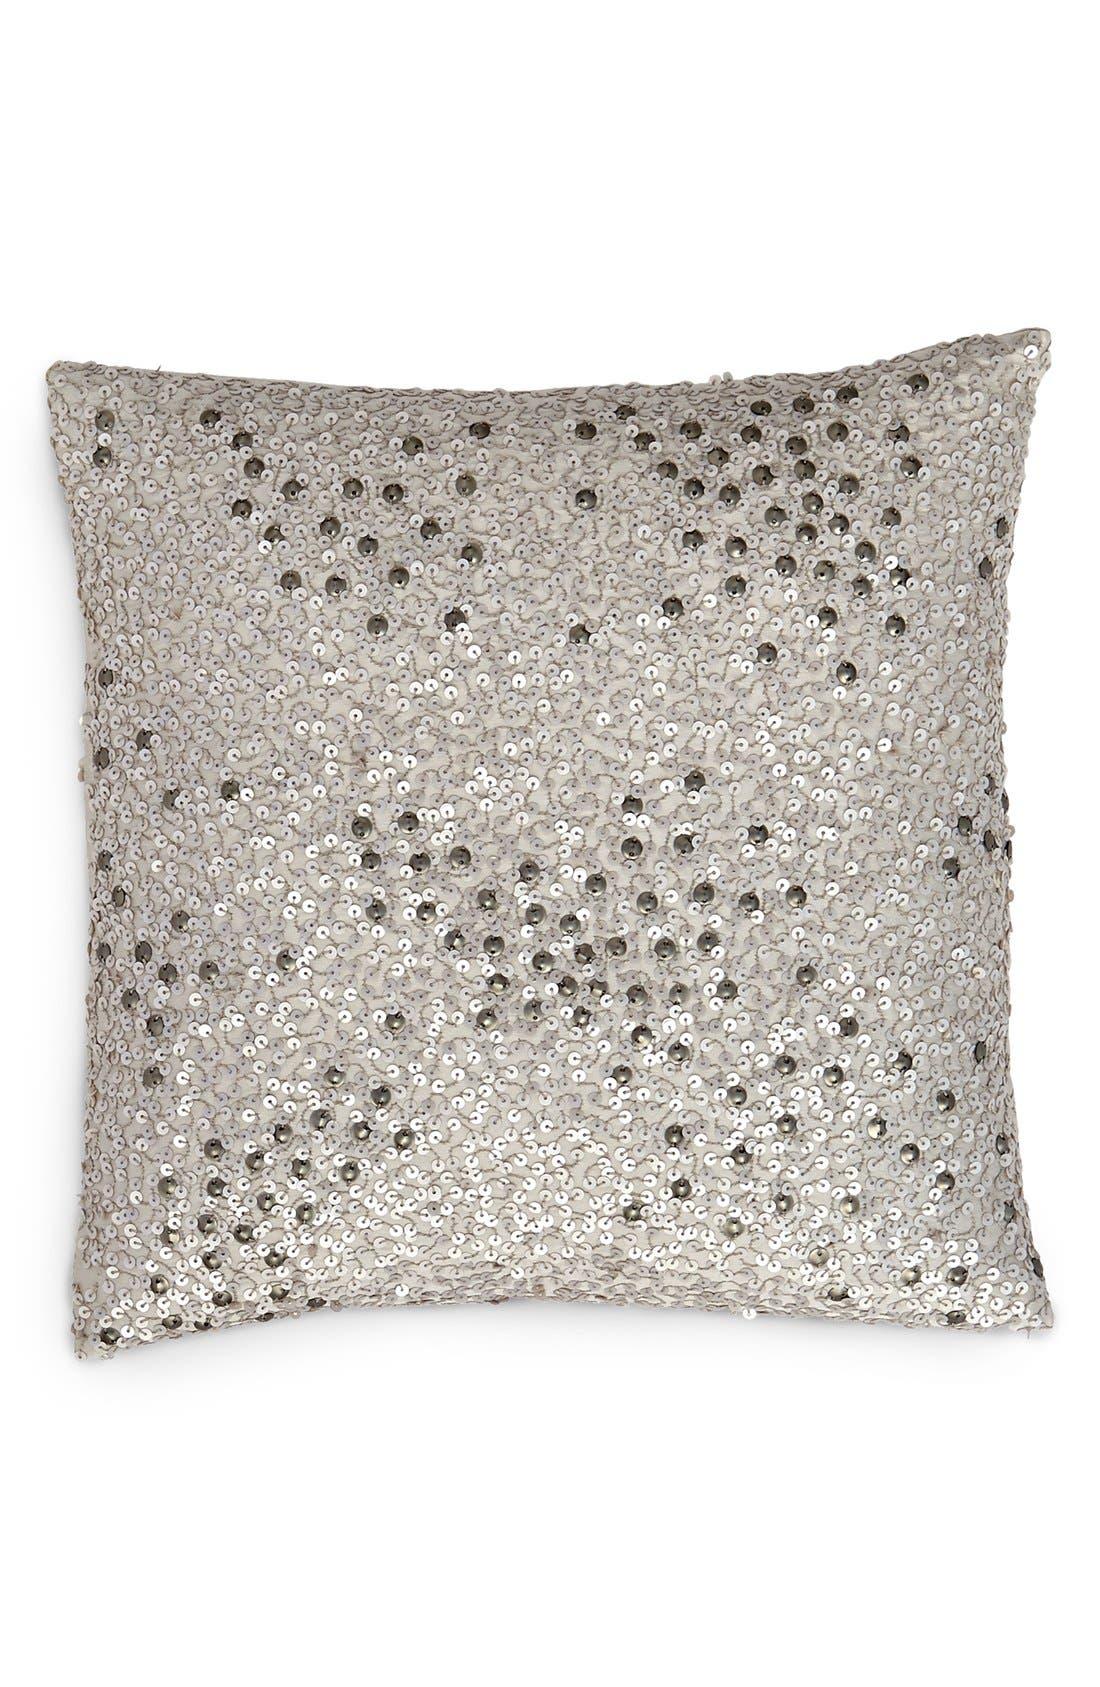 DONNA KARAN NEW YORK Donna Karan Collection 'Reflection' Sequin Pillow, Main, color, SILVER